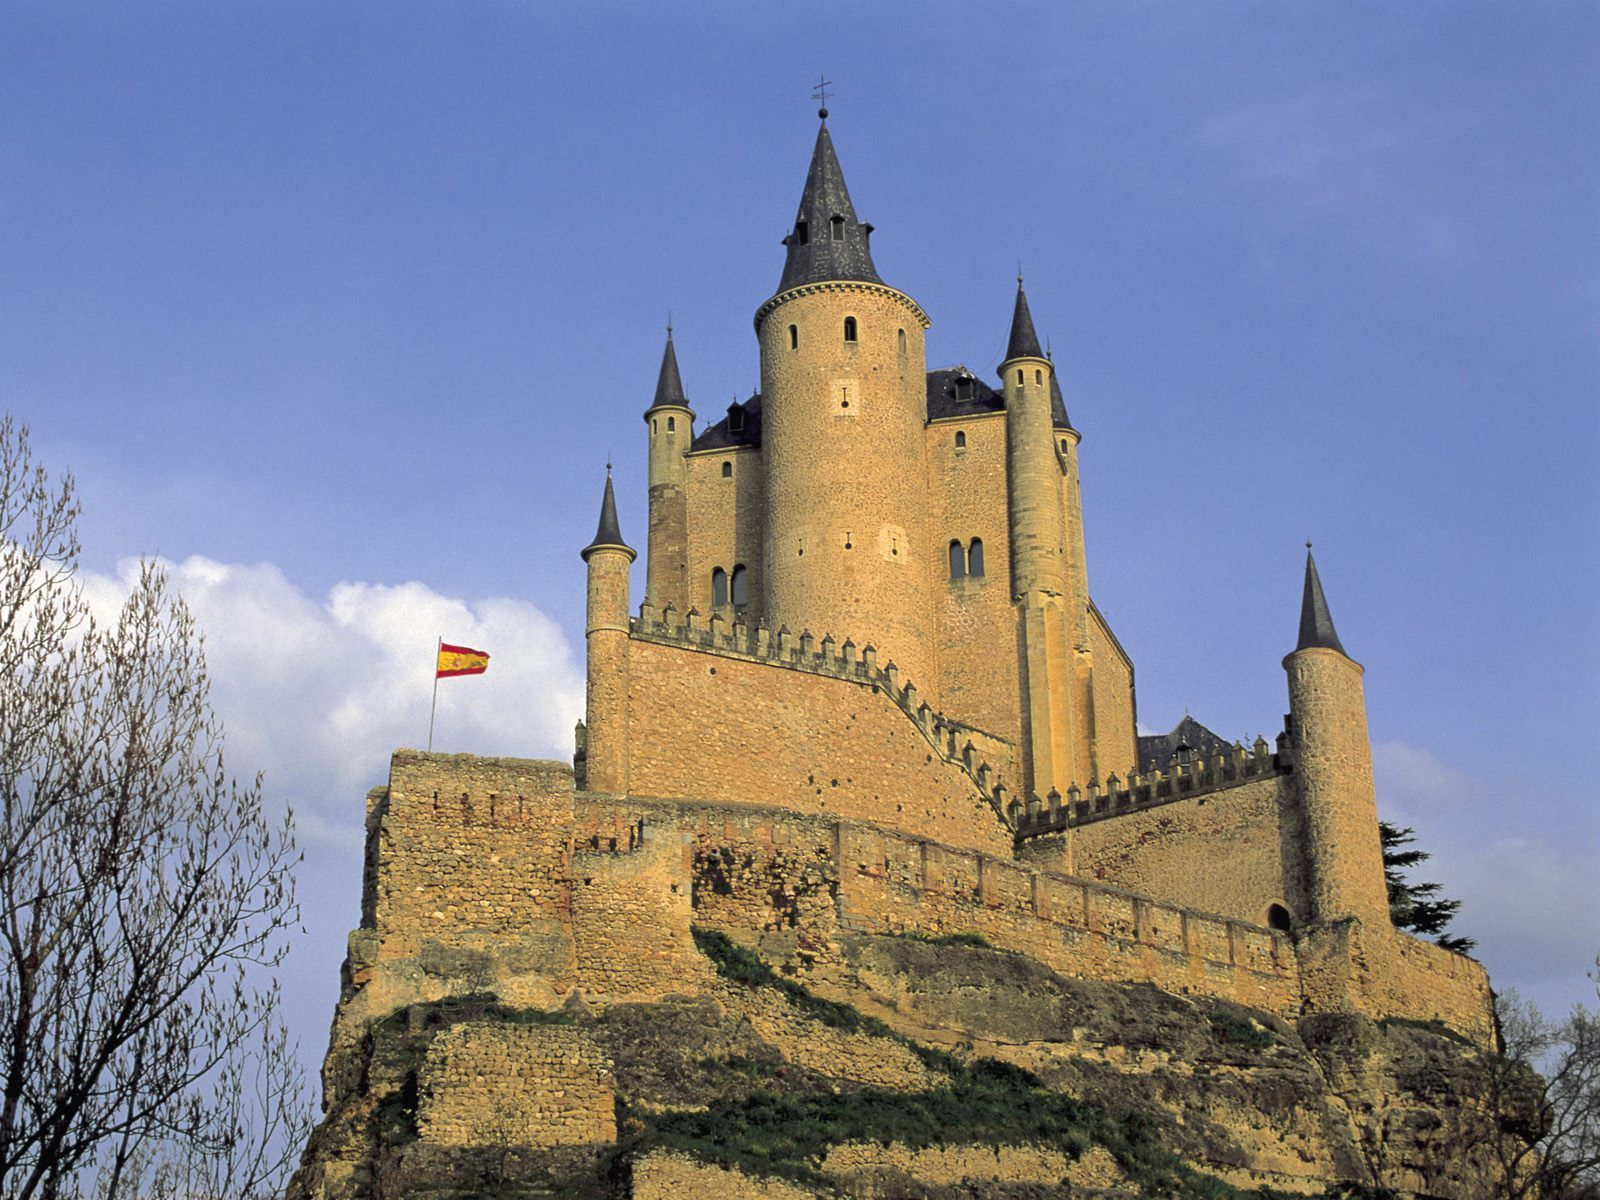 Hasil gambar untuk segovia castle spain